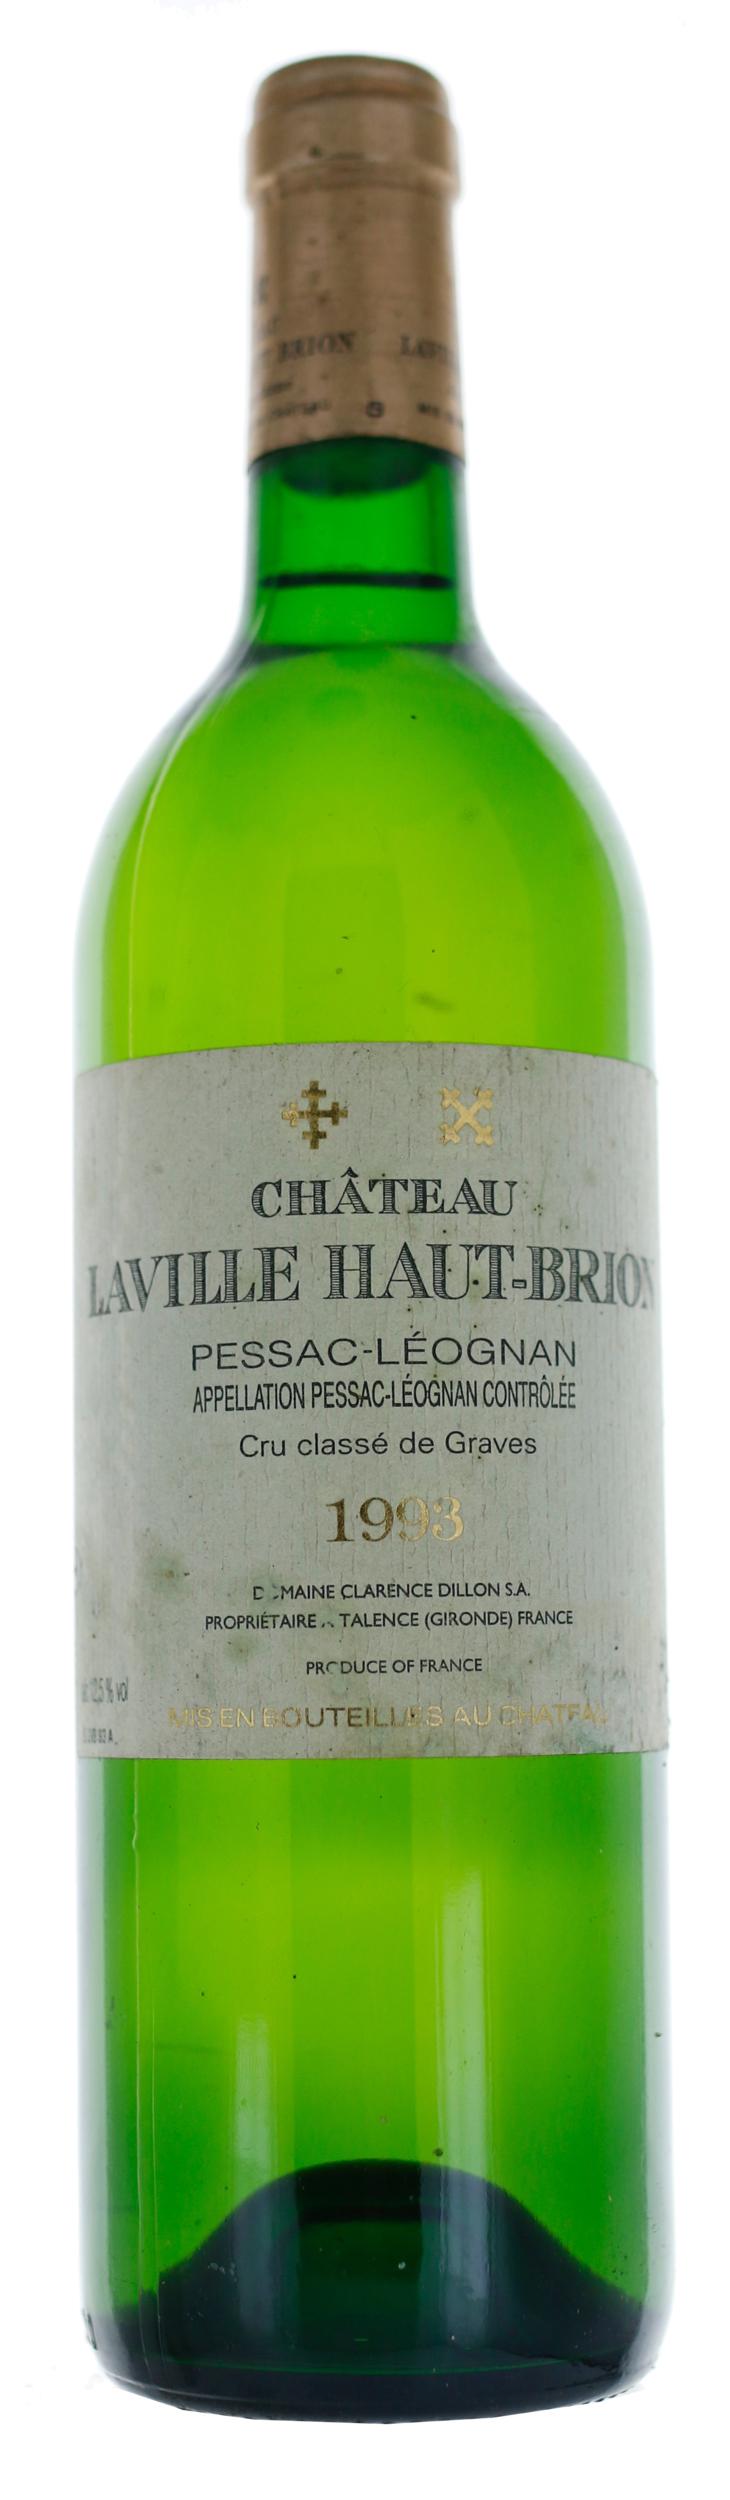 Graves Pessac Leognan - Laville Haut Brion - 1993